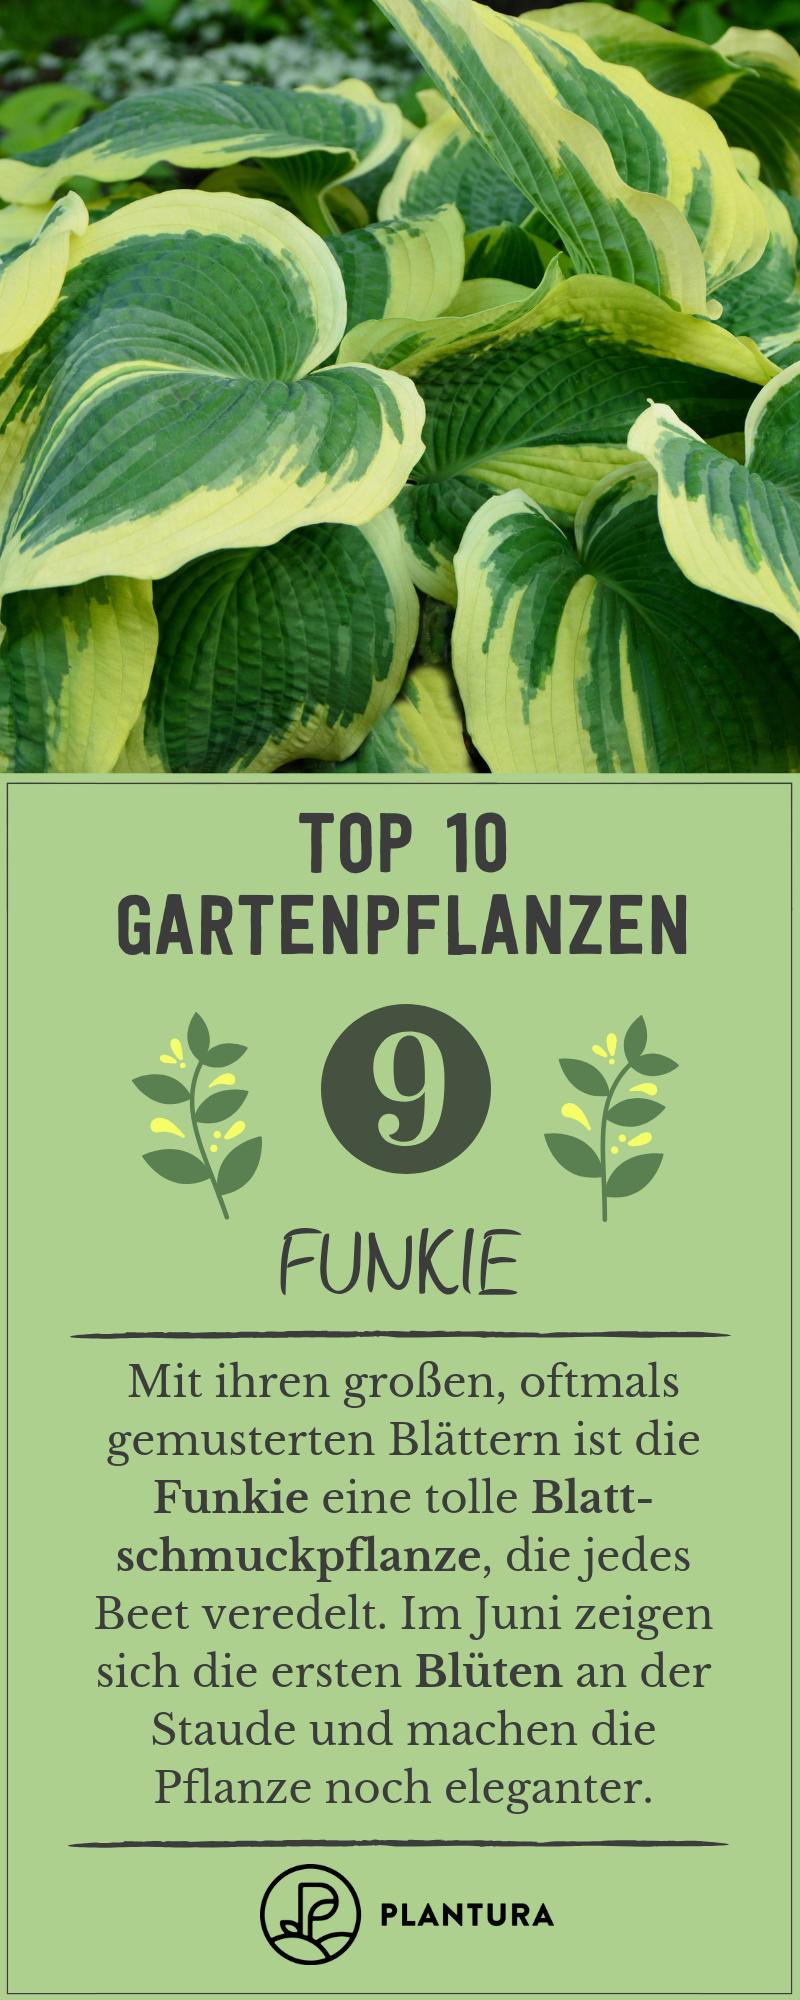 Gartenpflanzen Unsere Top 10 Für Ihren Garten Plantura Artikel